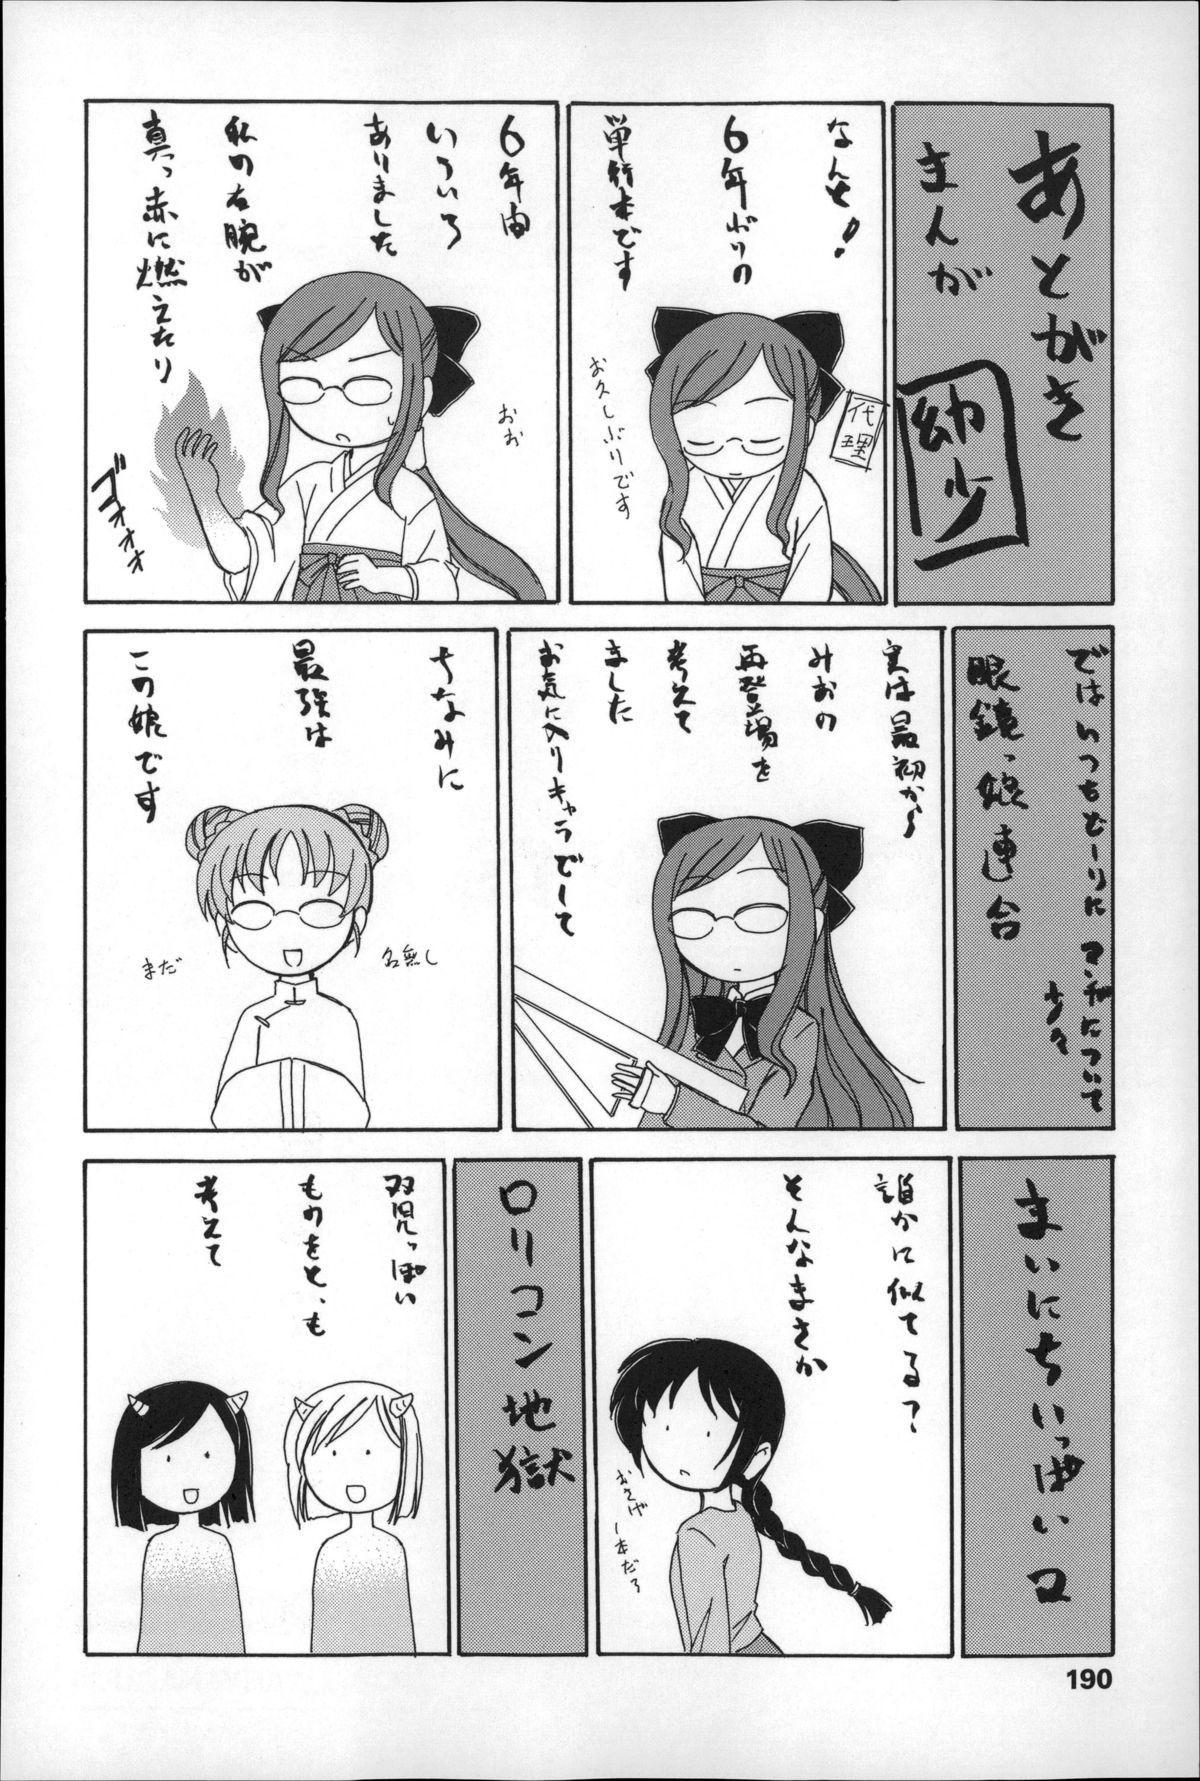 Youshou no Hana no Himitsu - The secret of Girls flowers 193